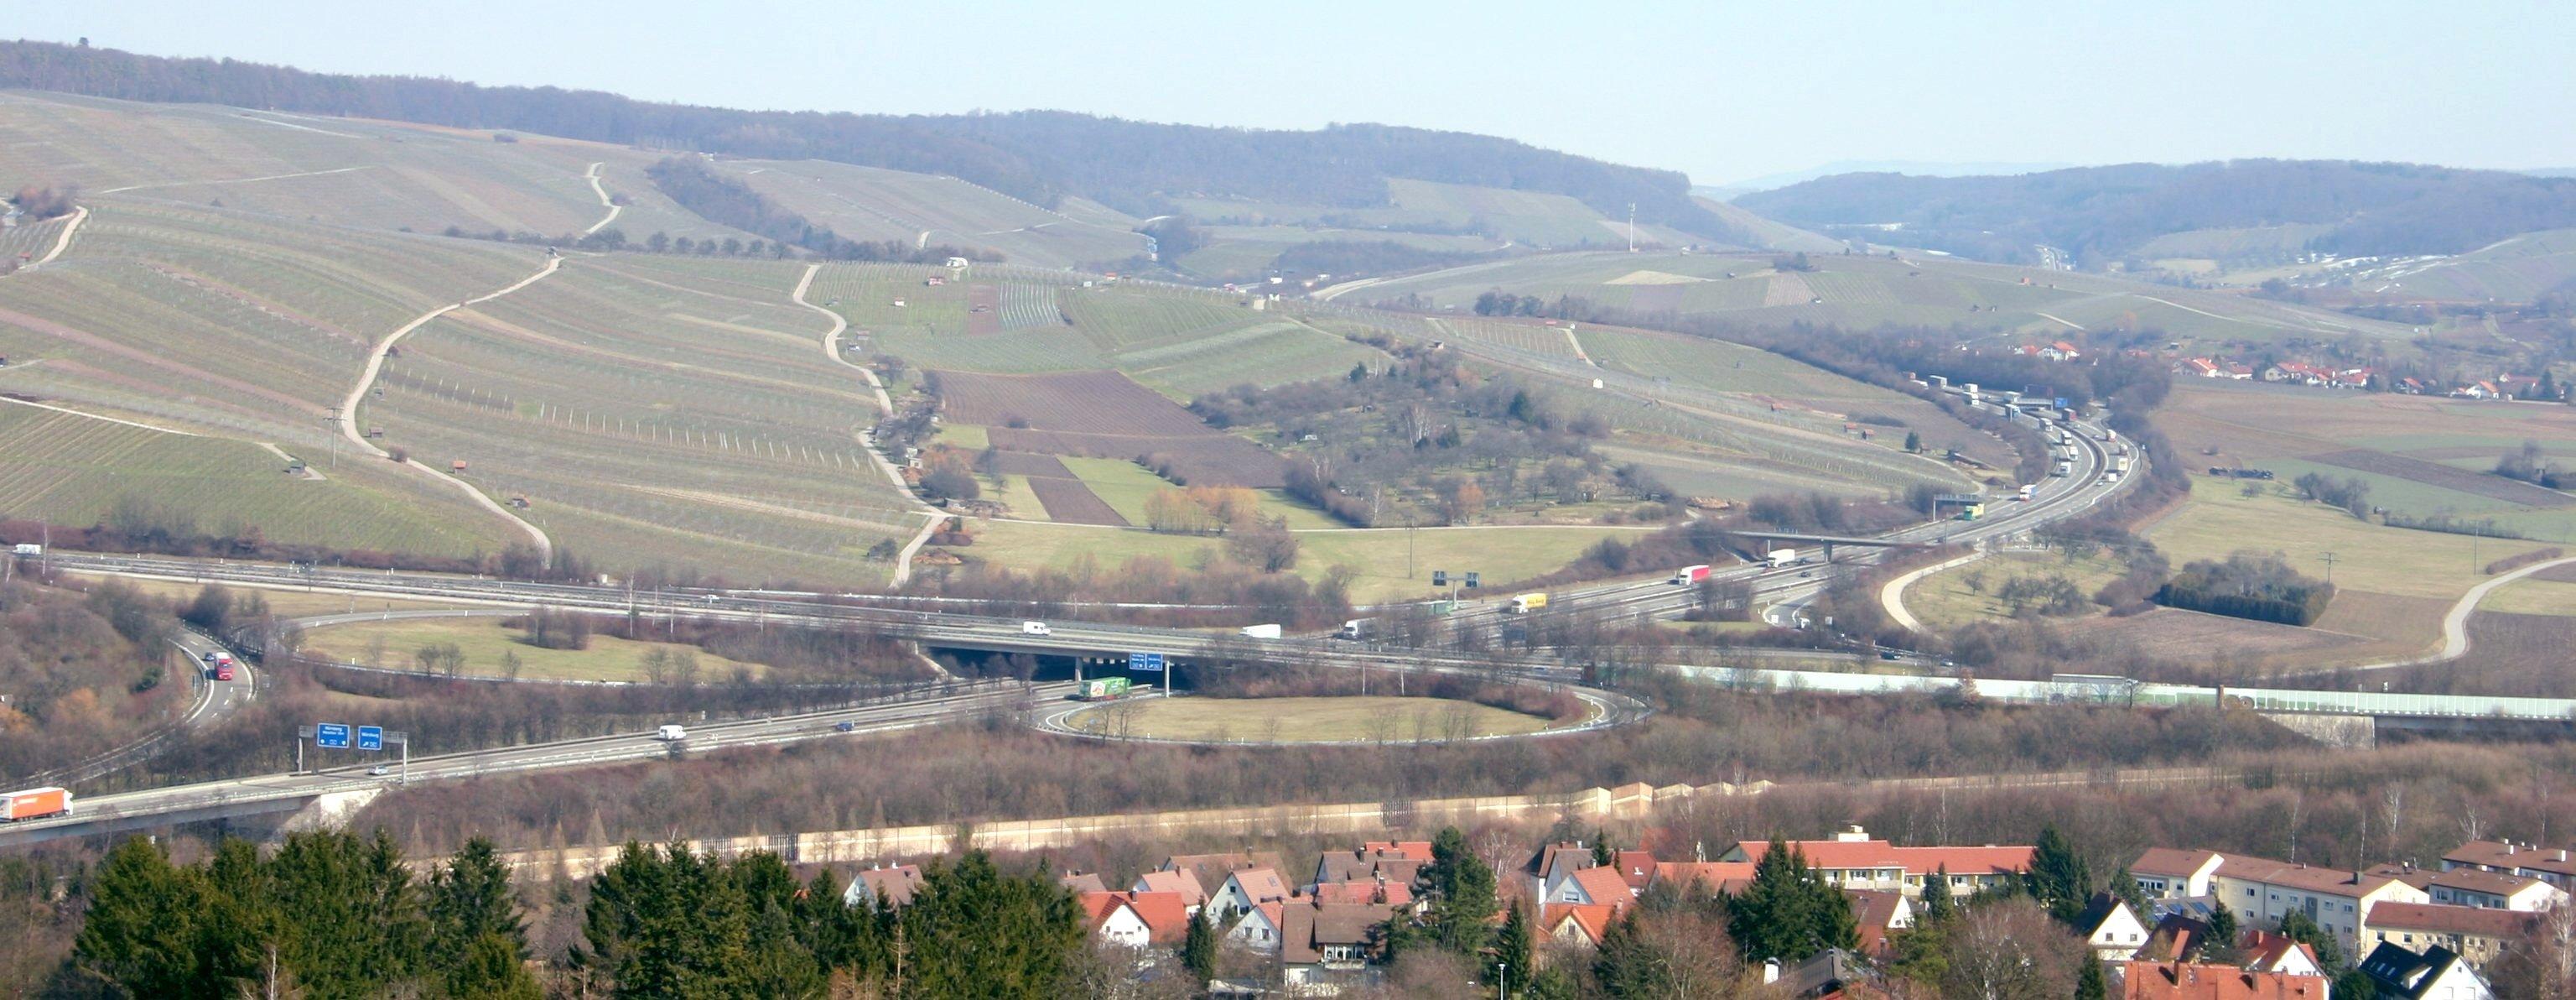 Staumelder Weinsberger Kreuz